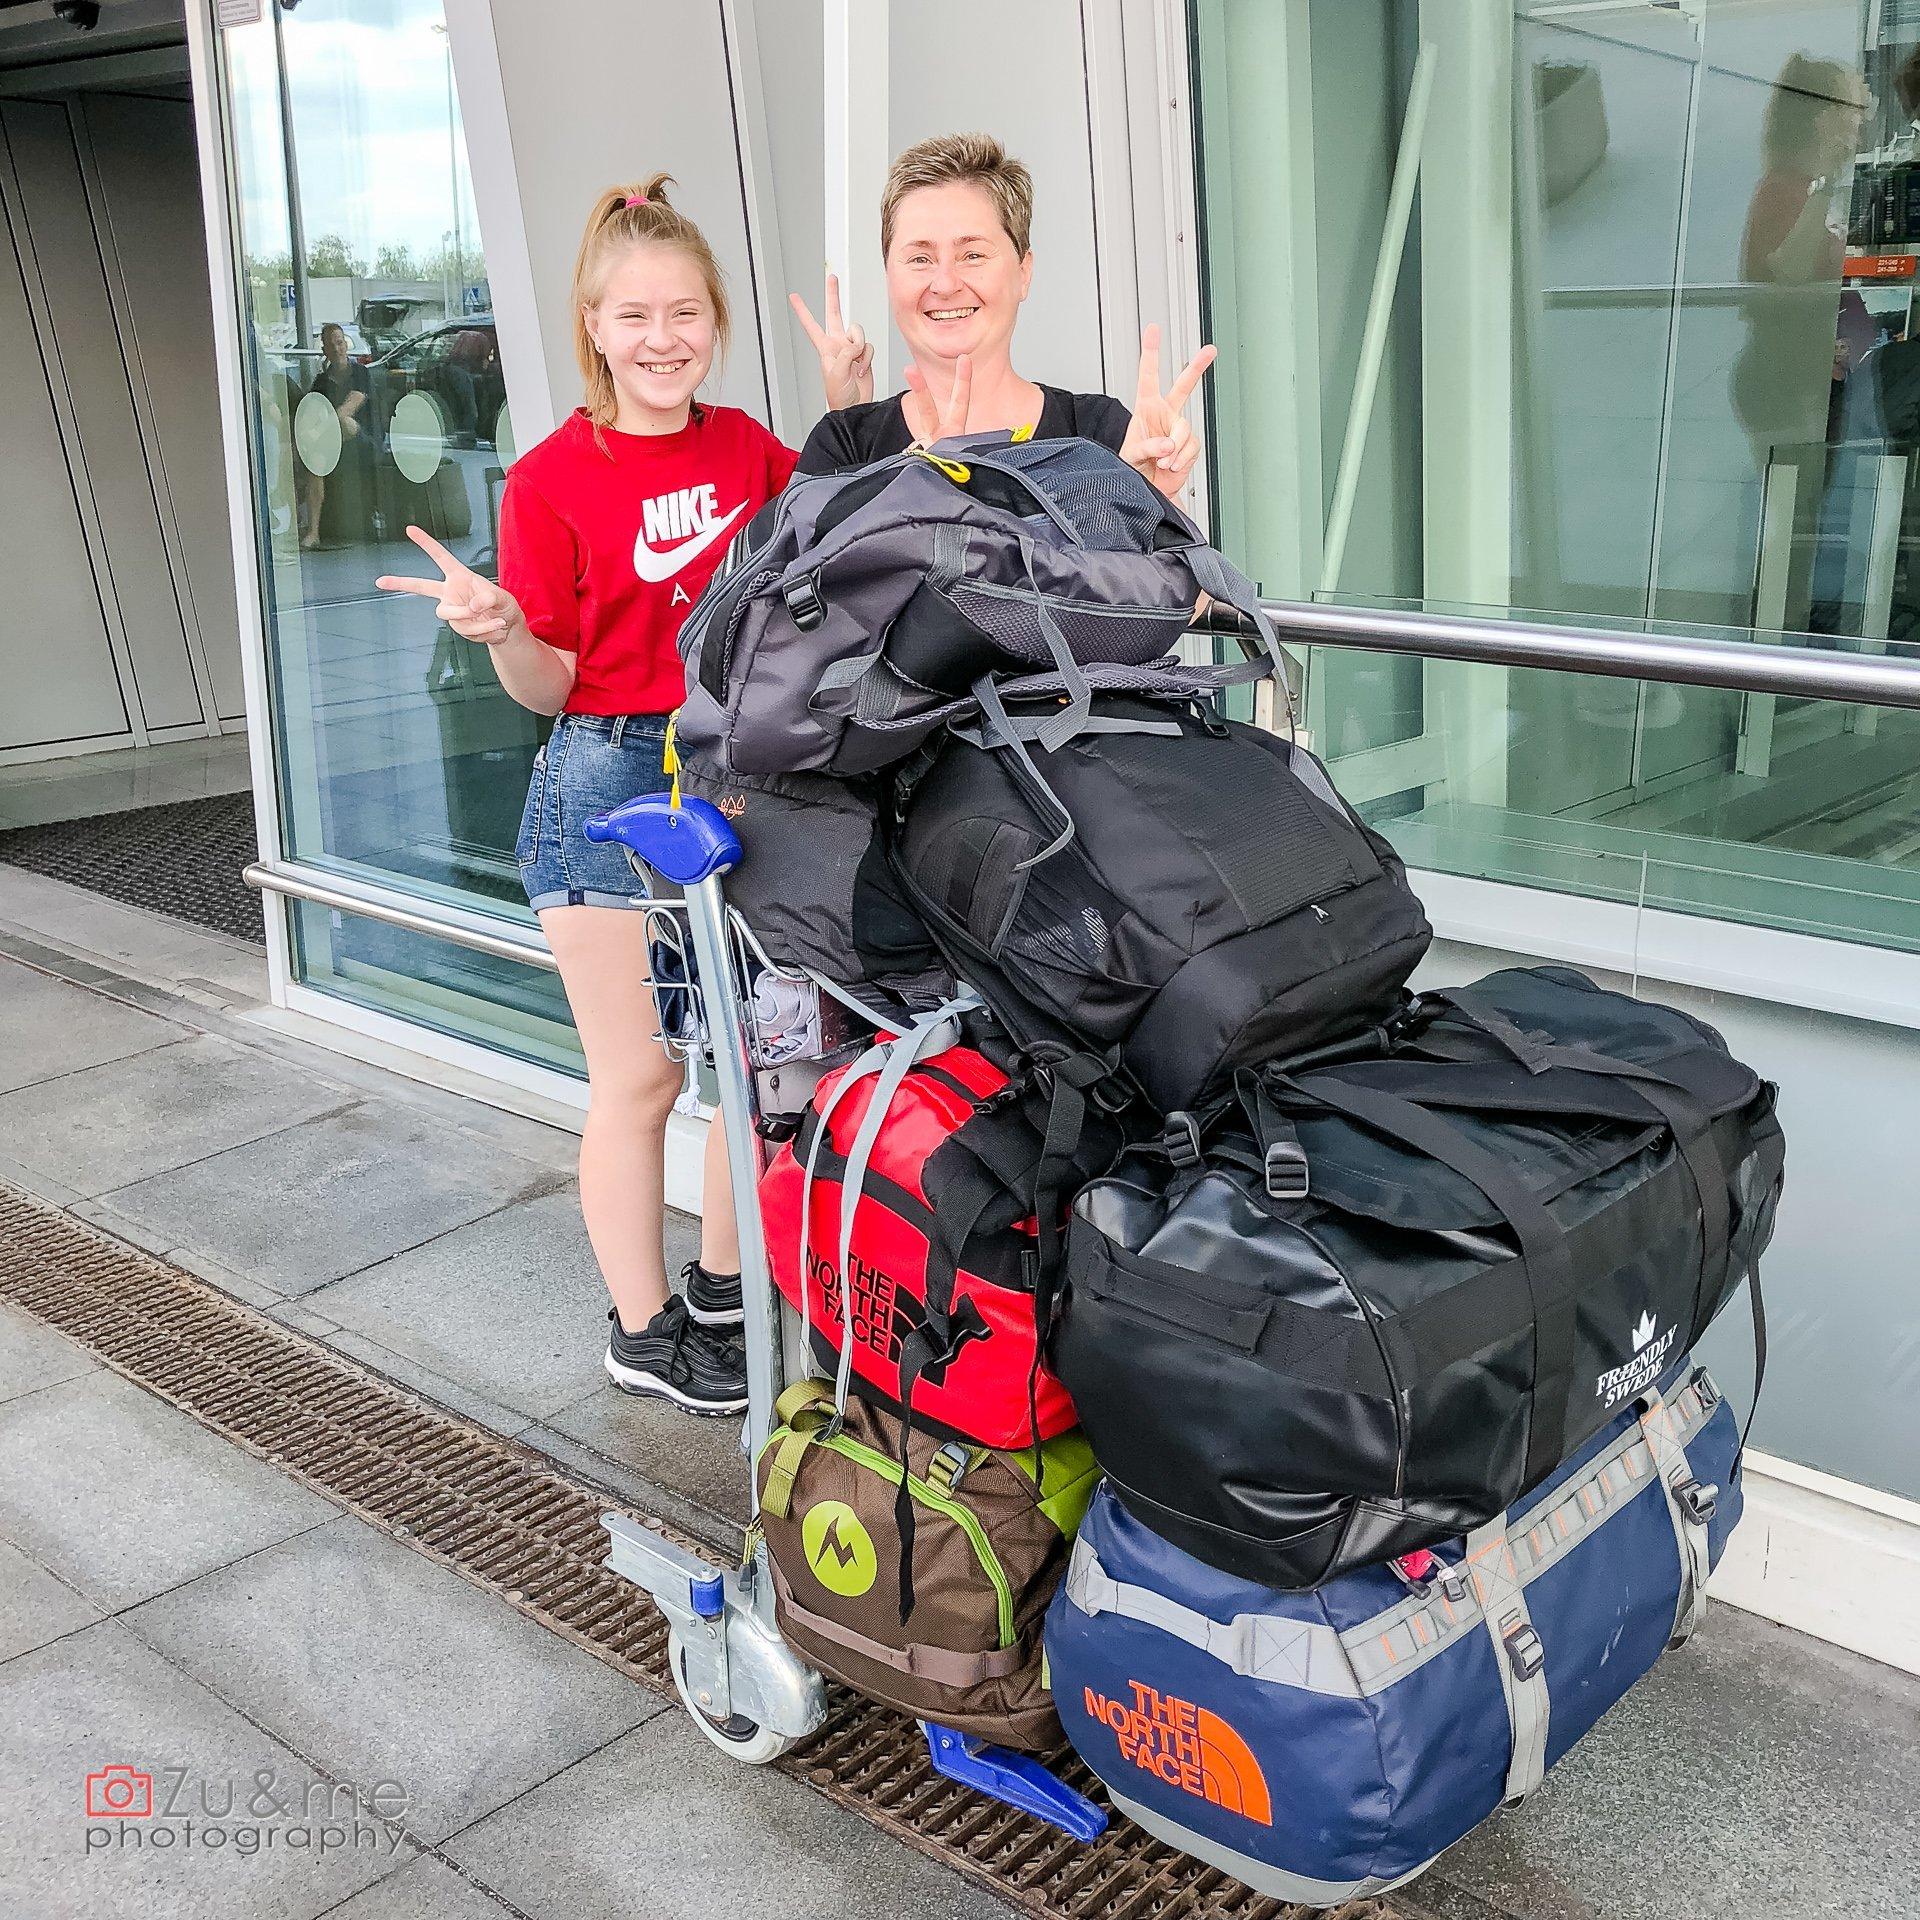 Dziewczyny i bagaże gotowe na przygody!